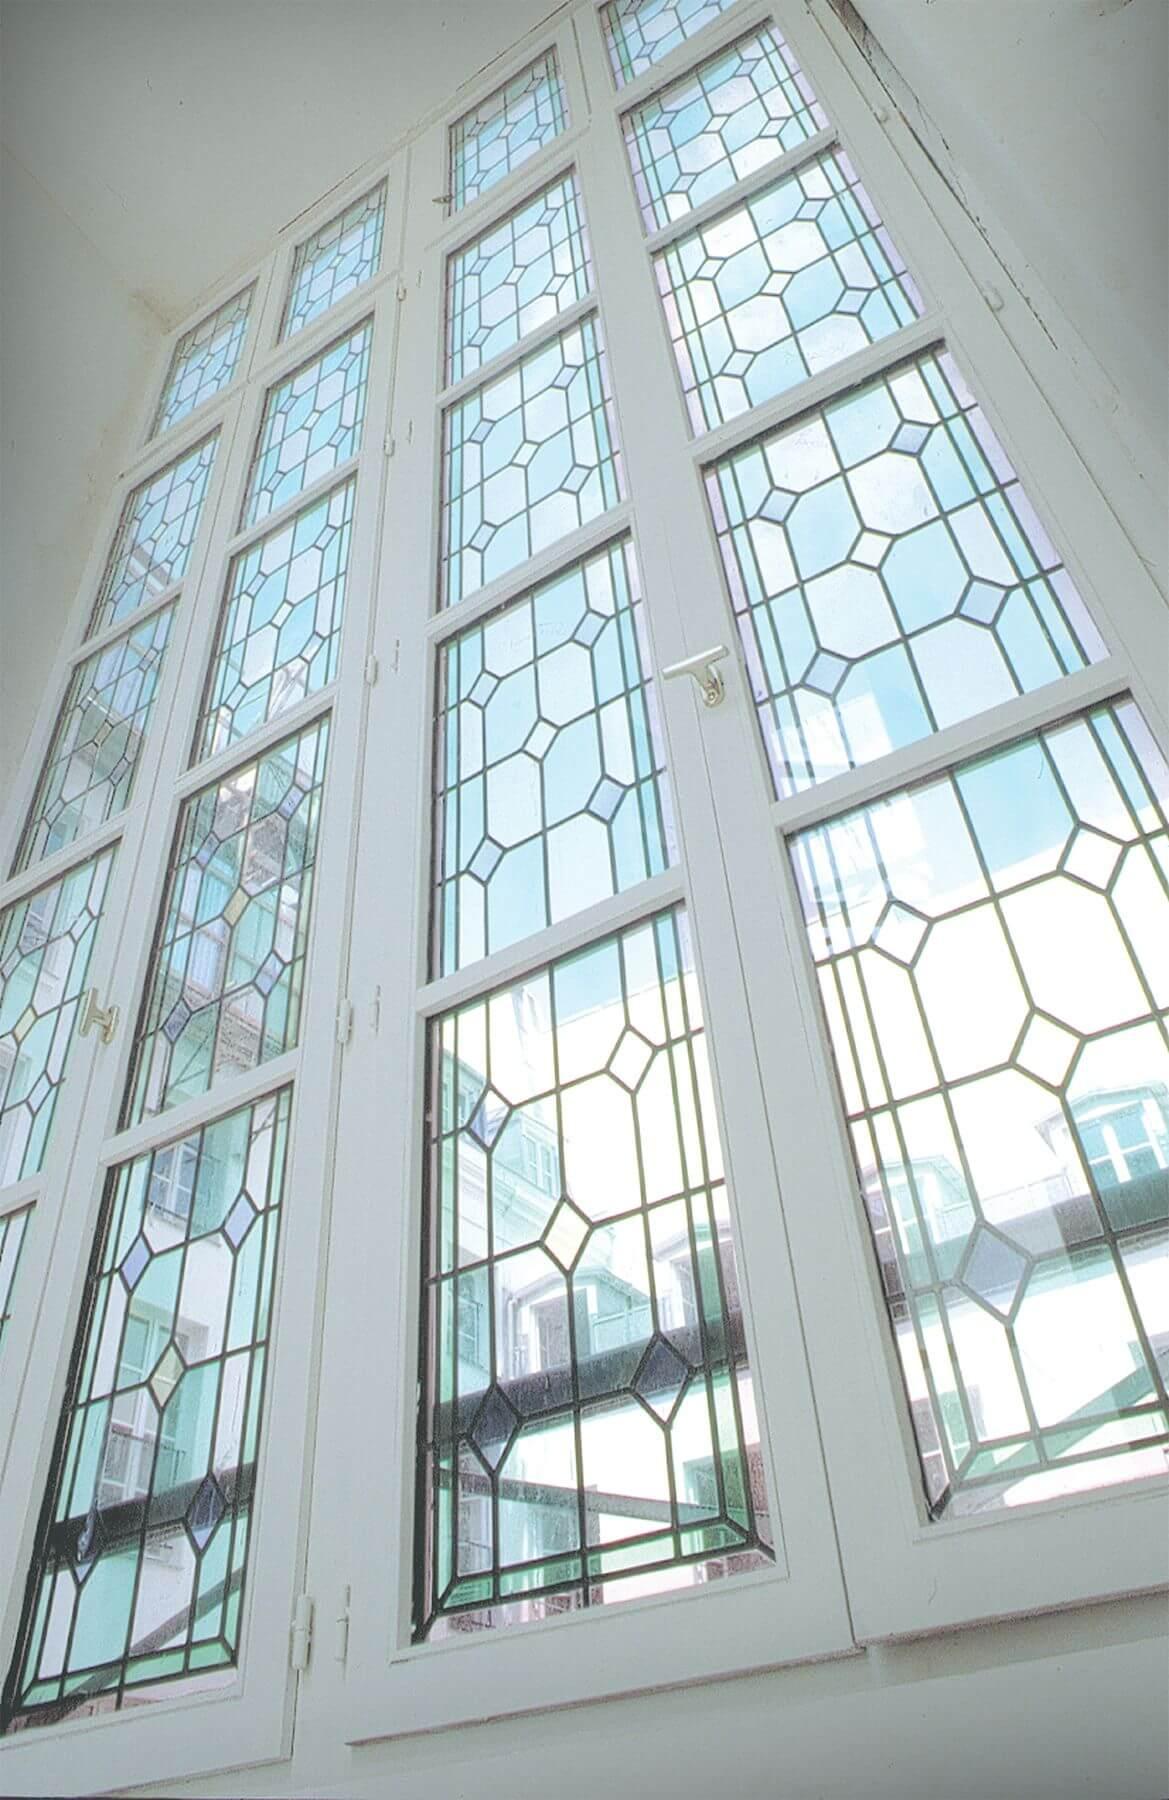 Réparation fenêtre paris 19